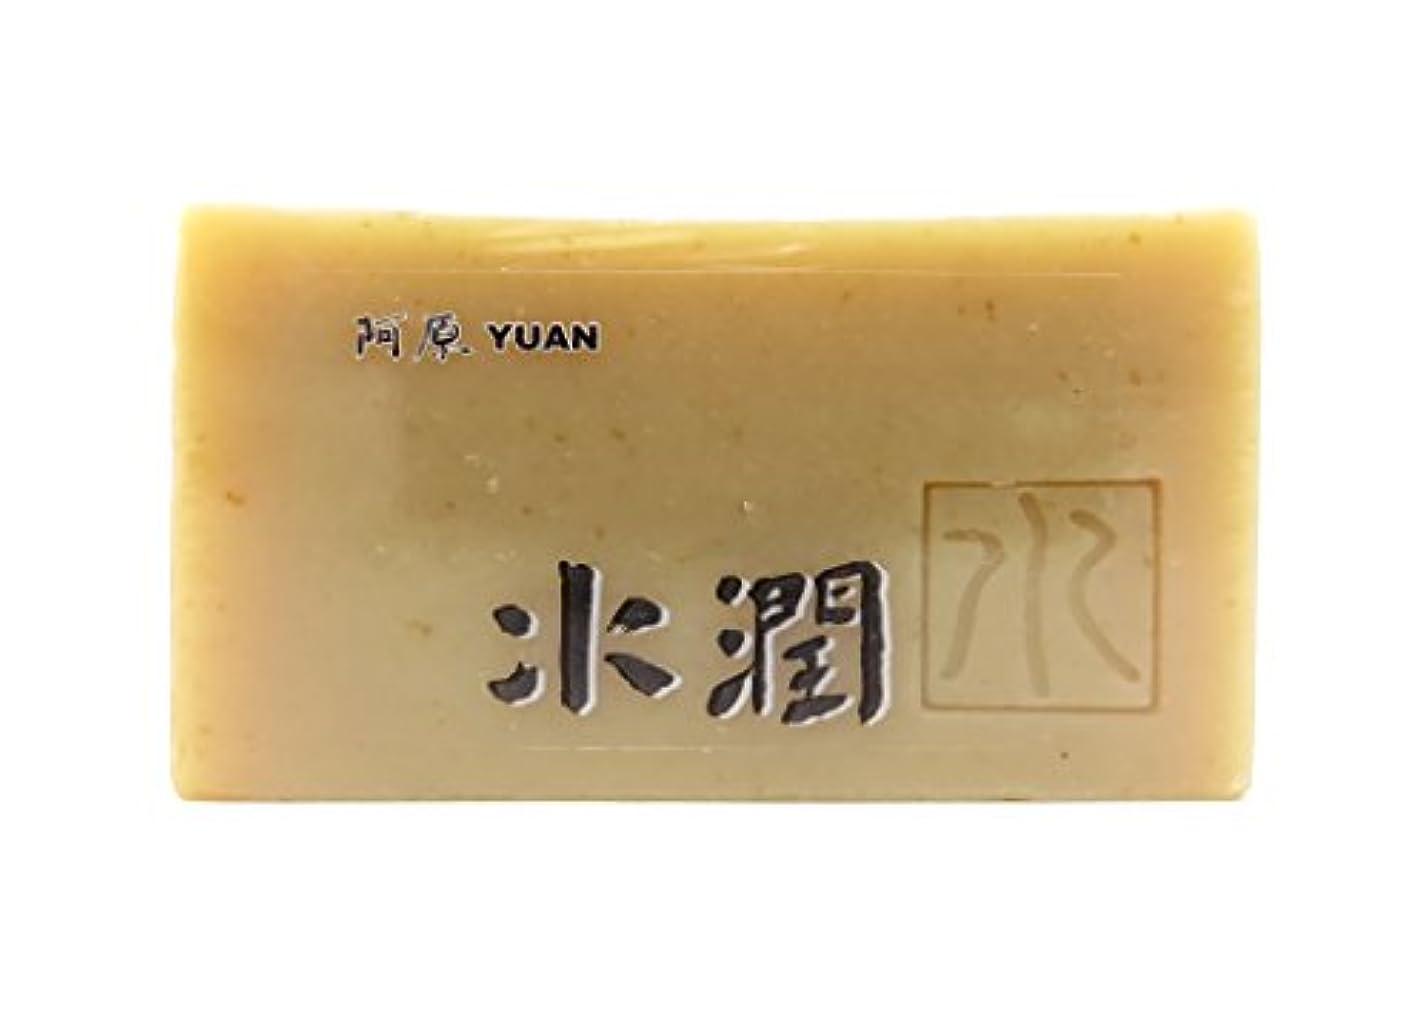 バンドル雄弁心理的にユアン(YUAN)水潤(すいじゅん)ソープ 固形 100g (阿原 ユアンソープ)